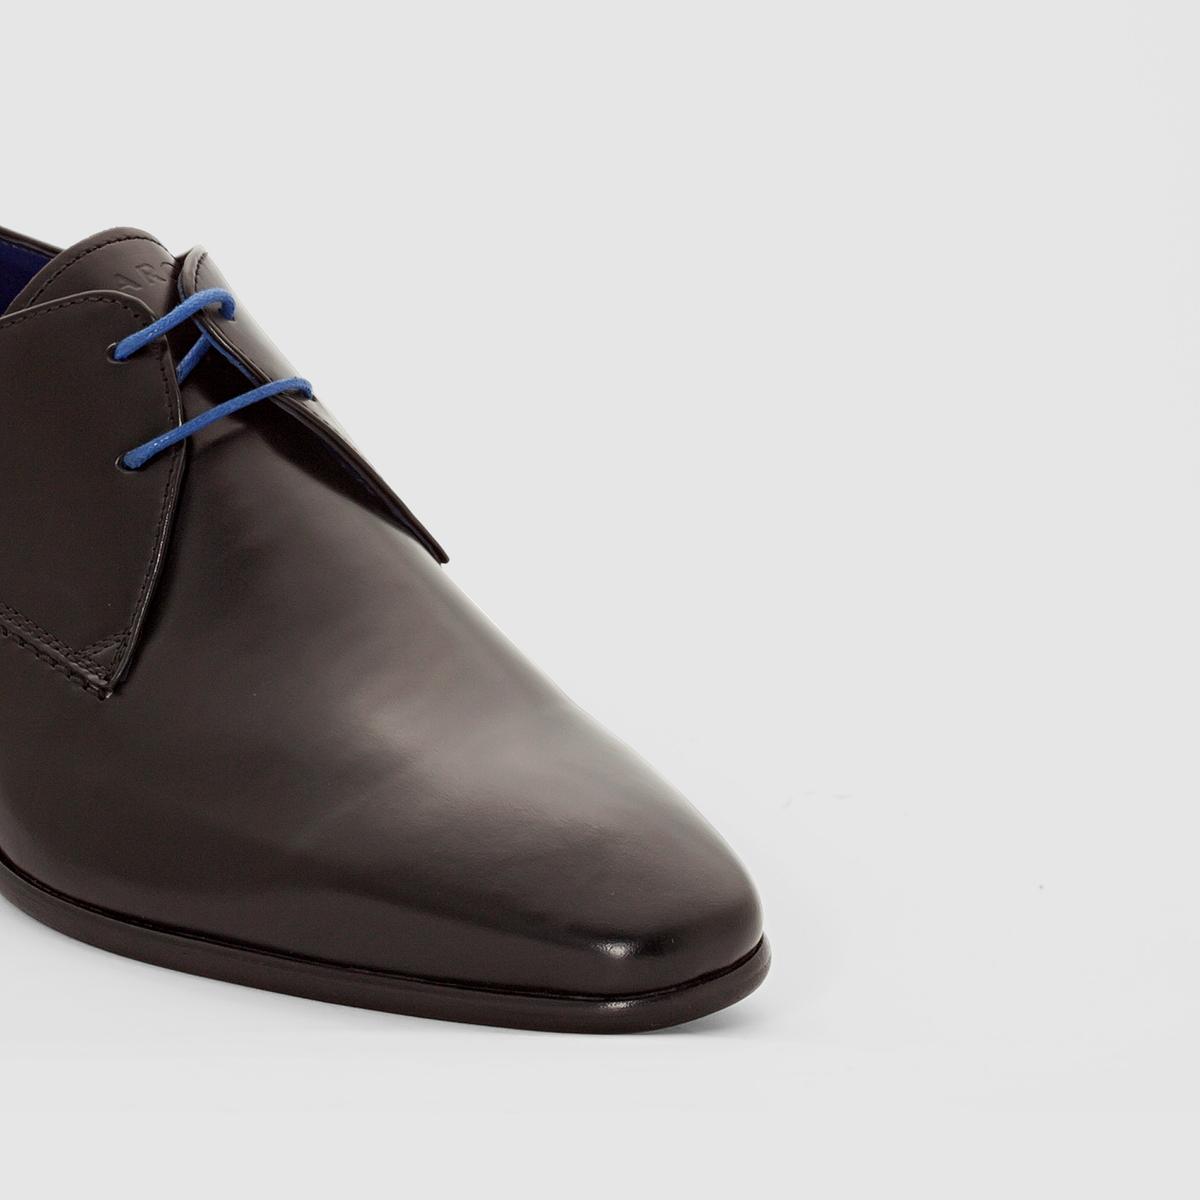 Ботинки-дерби JURICALВерх / Голенище: Кожа            Подкладка : Кожа и тканьСтелька : Кожа     Подошва : из эластомера.     Высота каблука :      Форма каблука : Плоский каблук     Носок : Закругленный.      Застежка : шнуровка.<br><br>Цвет: черный